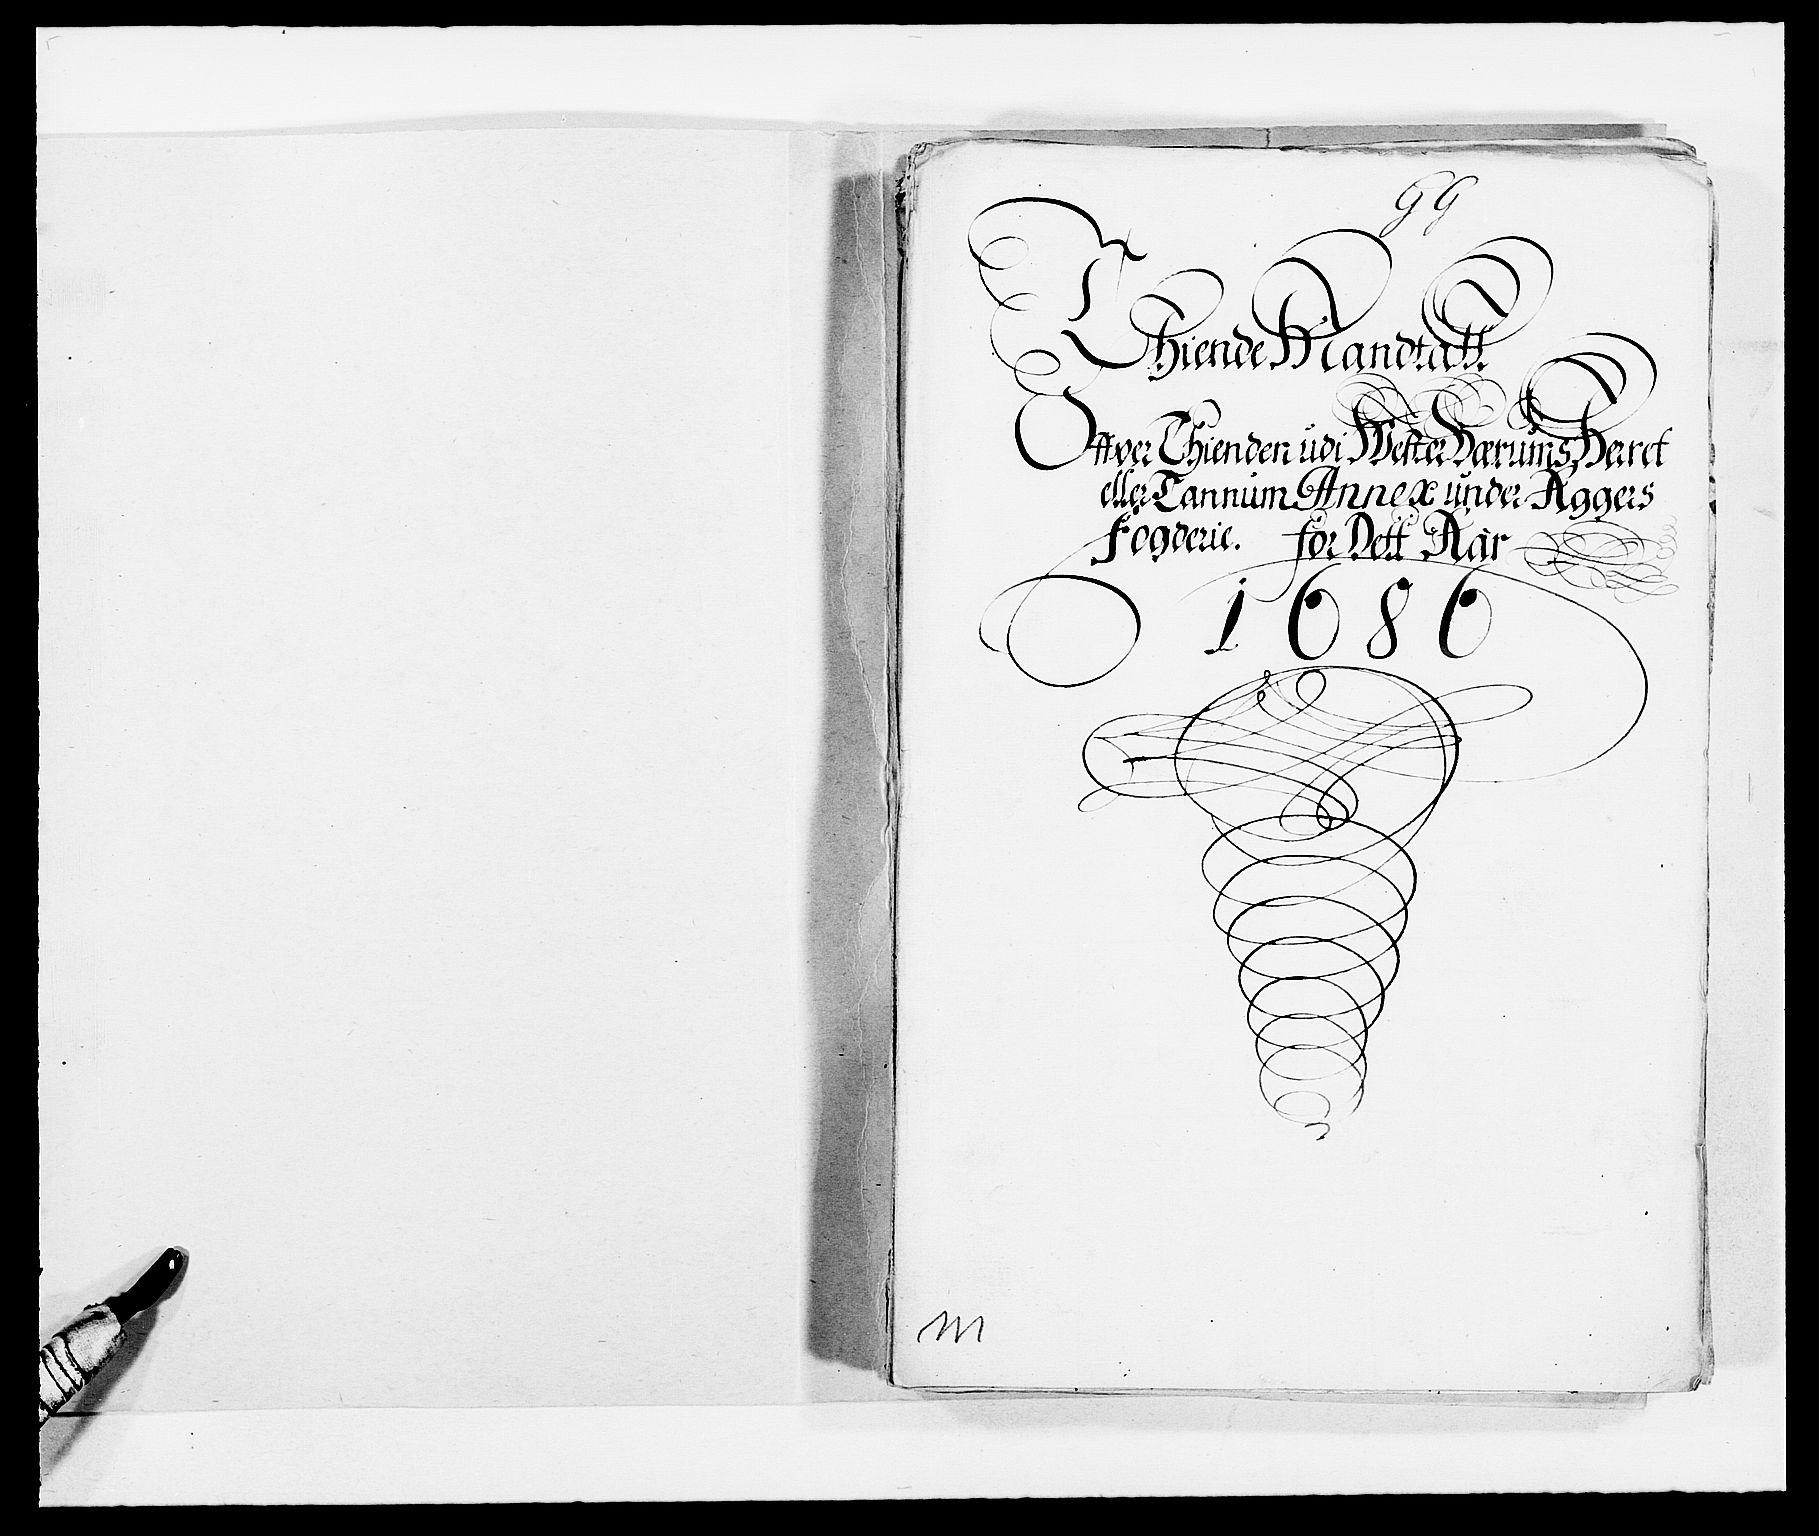 RA, Rentekammeret inntil 1814, Reviderte regnskaper, Fogderegnskap, R08/L0422: Fogderegnskap Aker, 1684-1686, s. 15